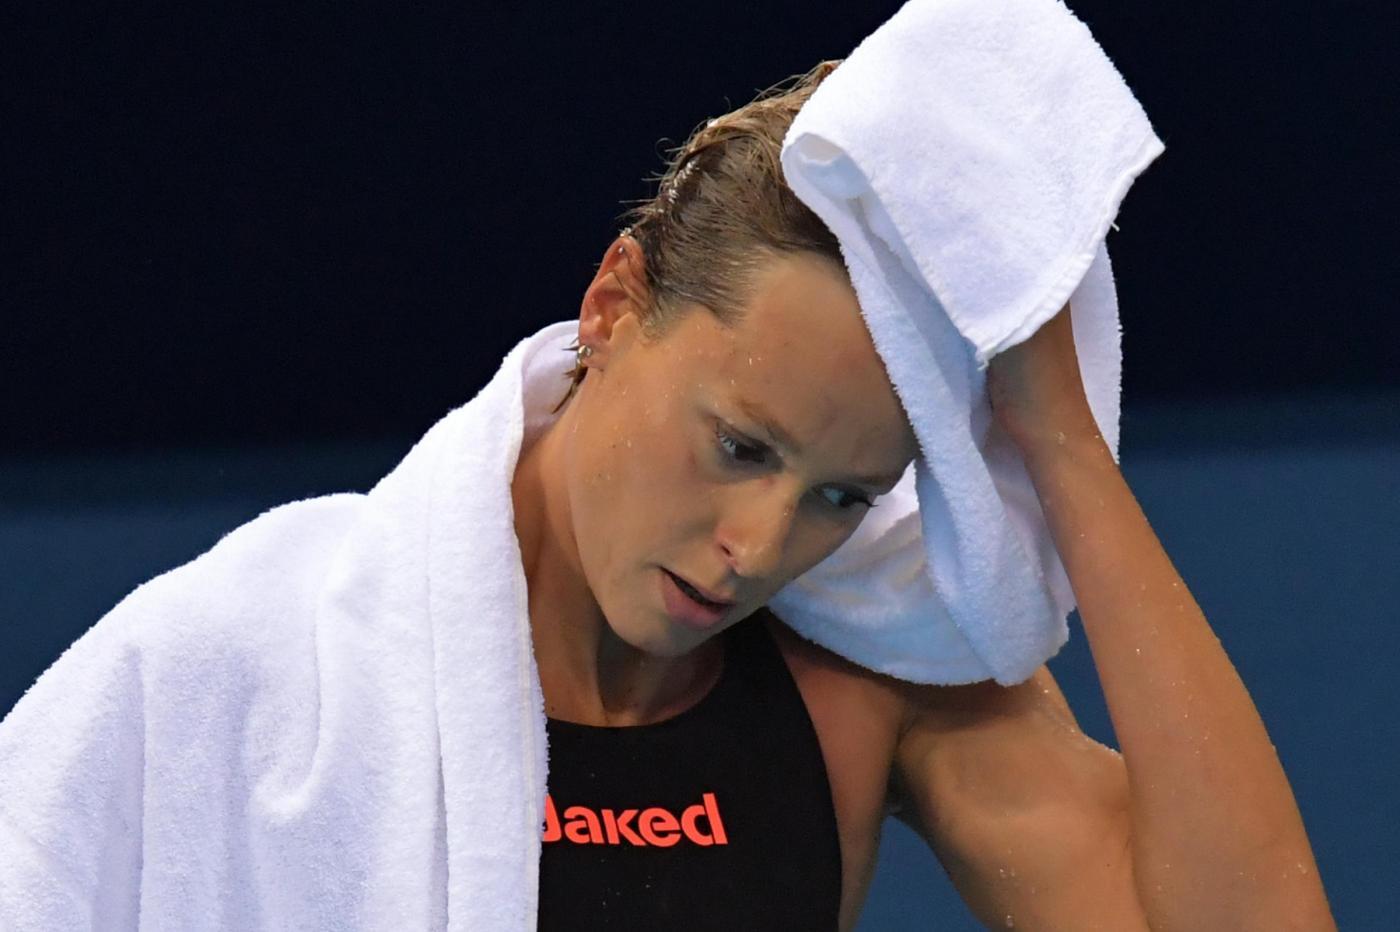 Campionati mondiali di nuoto 2017: Federica Pellegrini e gli altri, programma e dove seguirli in TV